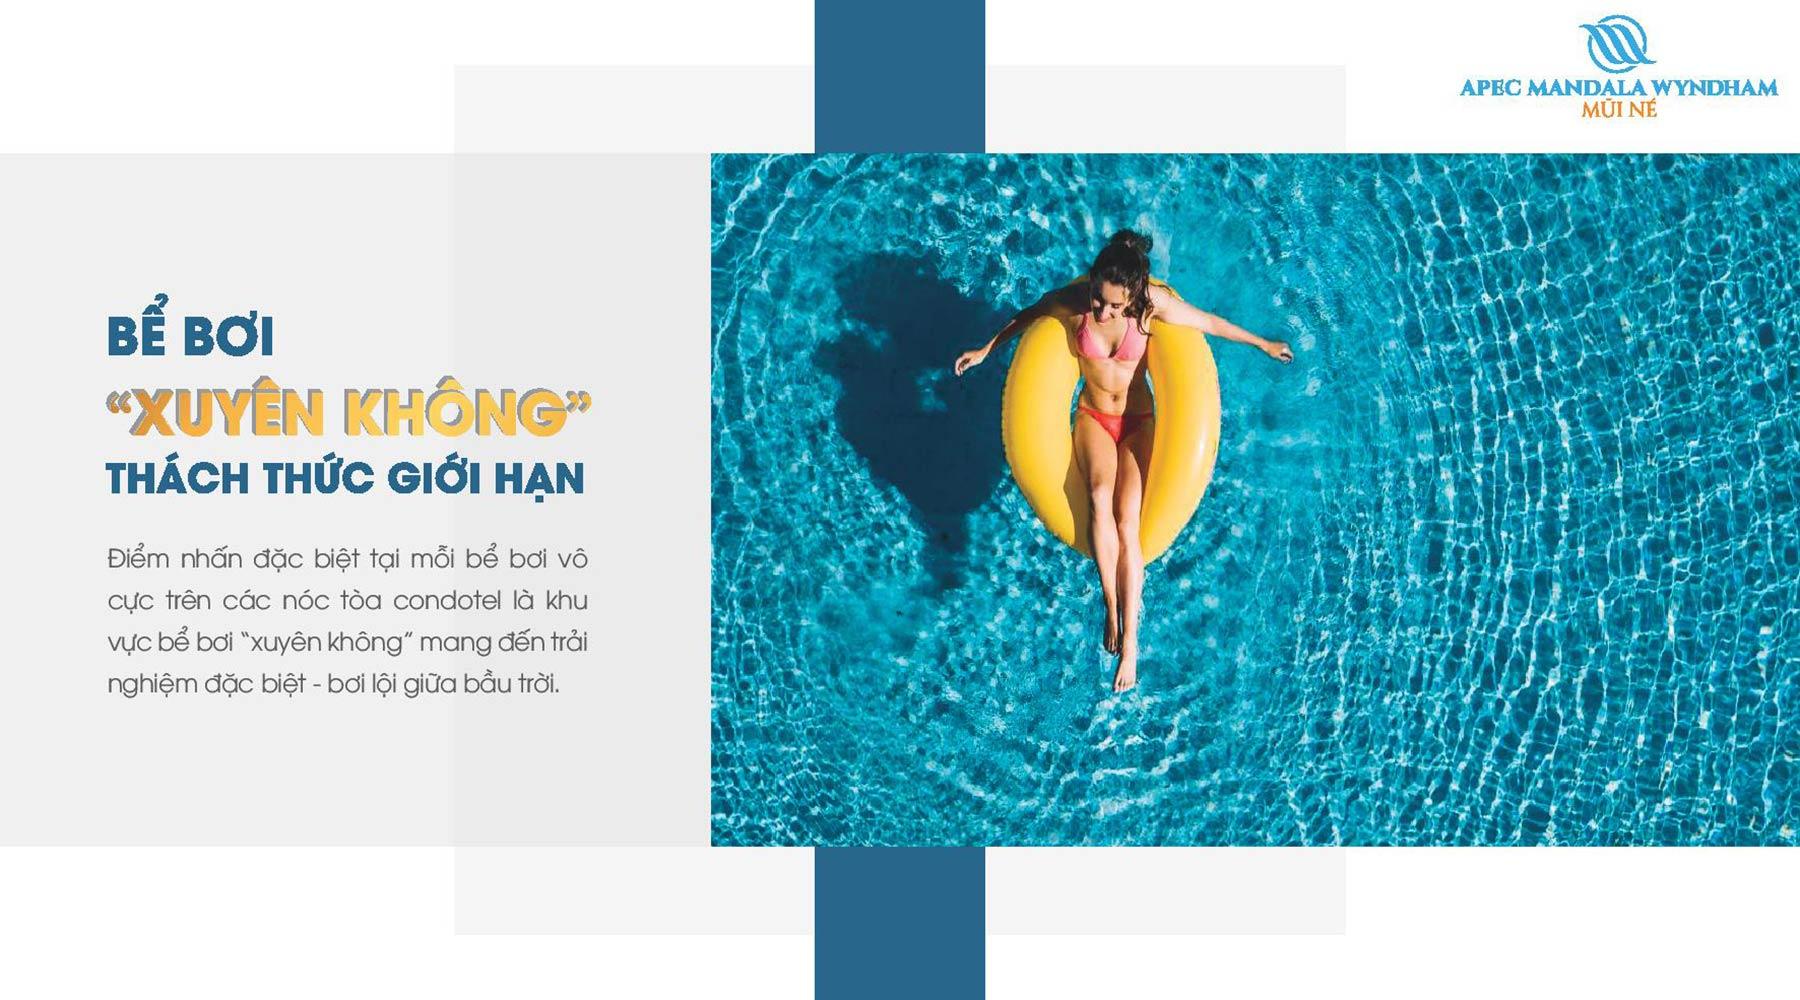 Tiện ích dự án Apec Mandala Wyndham Mũi Né Bể Bơi Xuyên Không